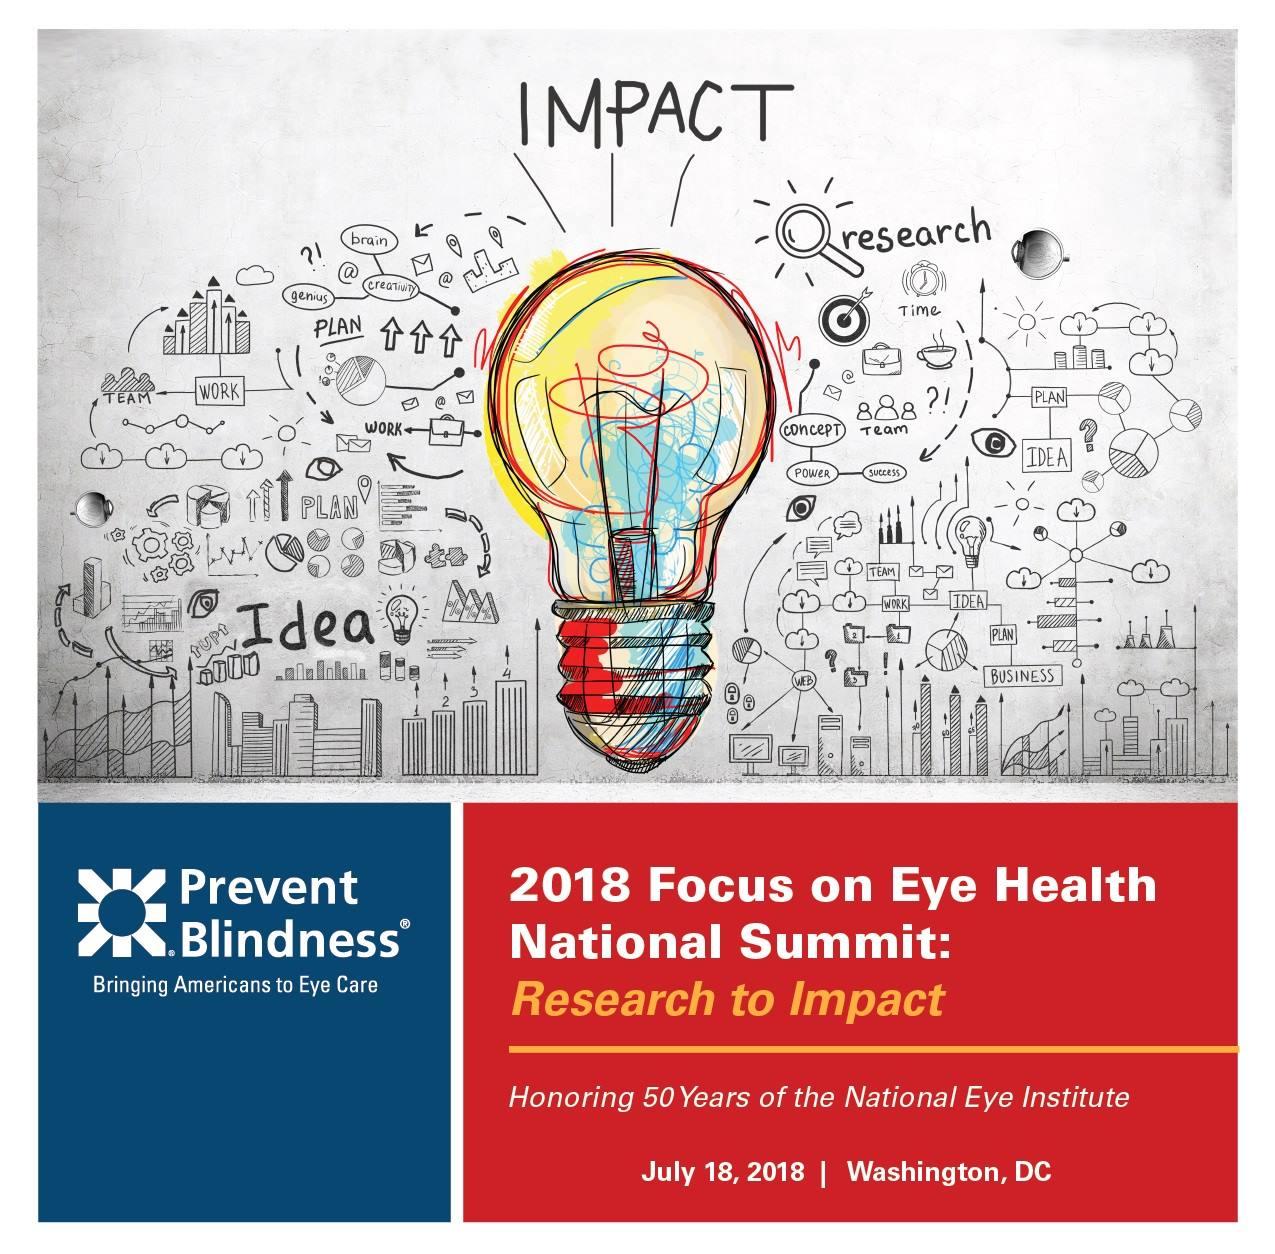 eye health summit